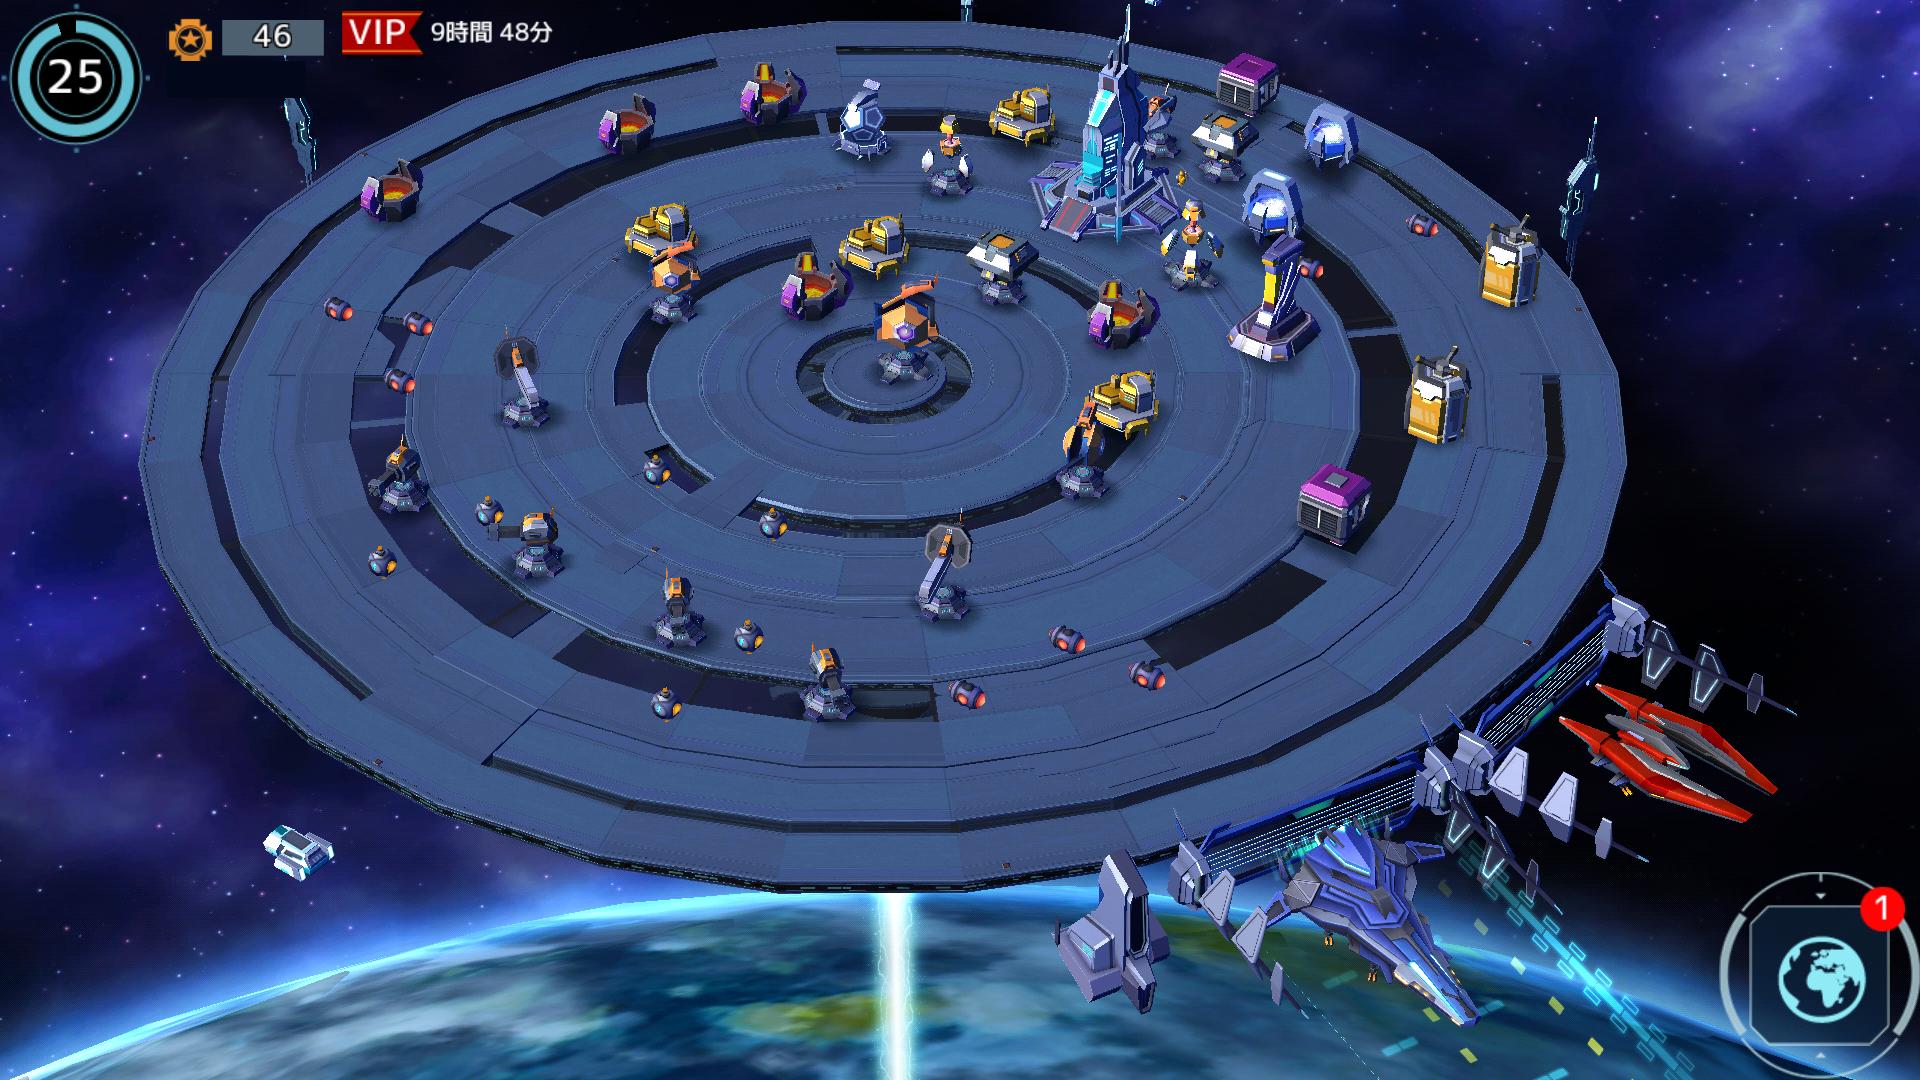 ビッグバンギャラクシー(Big Bang Galaxy) androidアプリスクリーンショット1